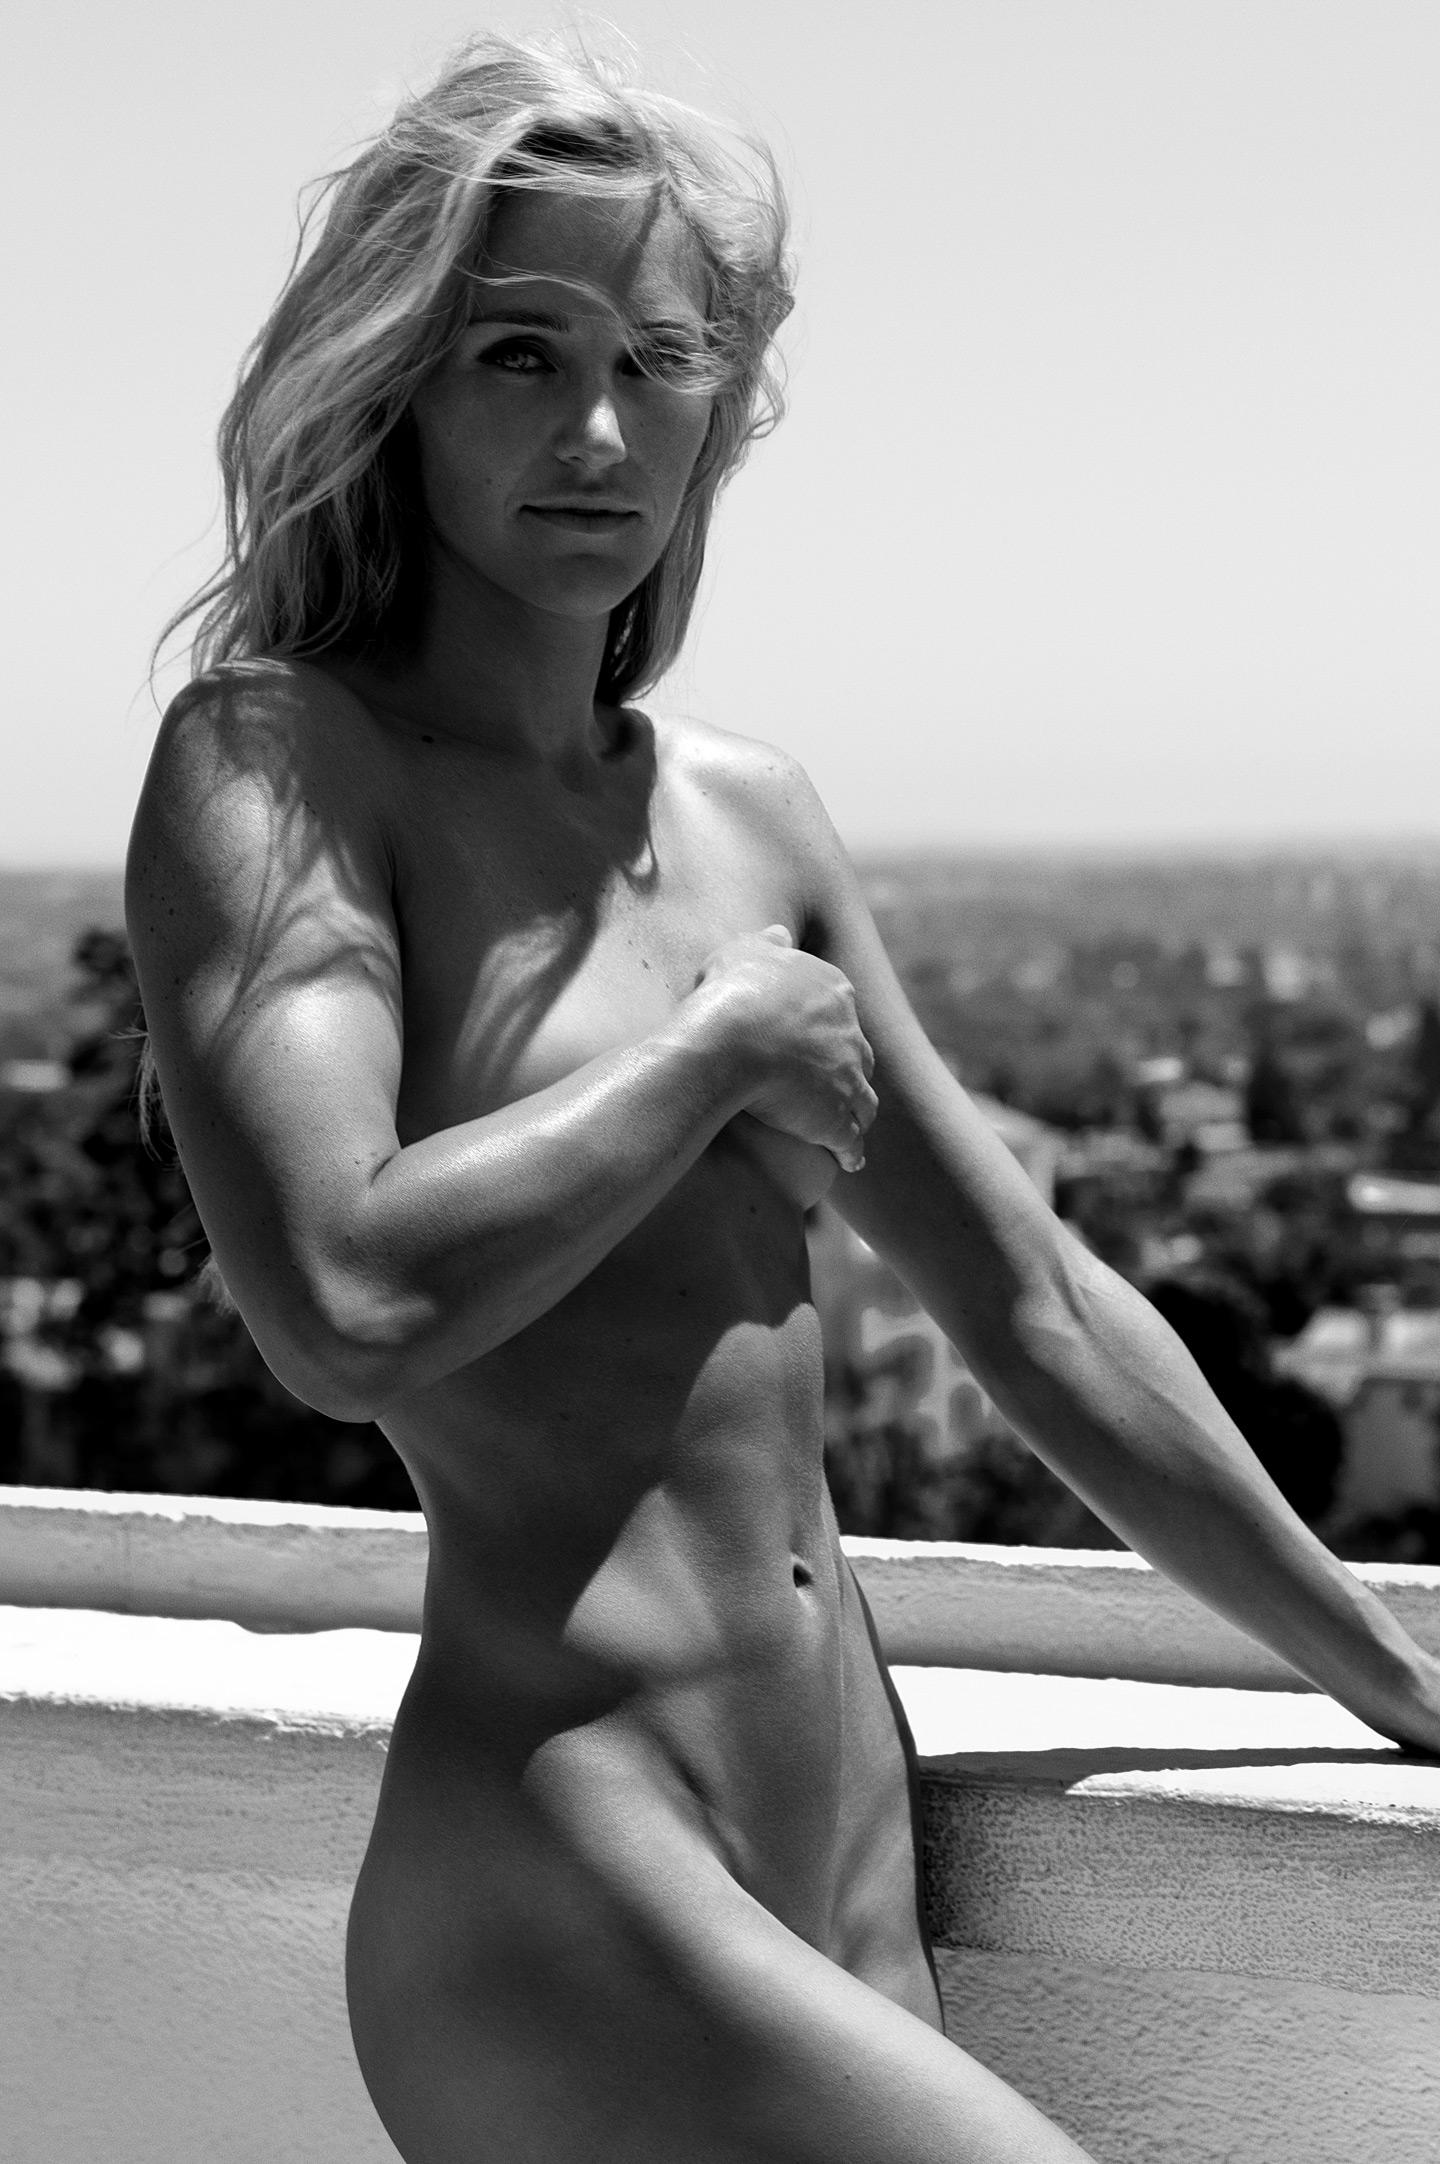 Naked Olympics